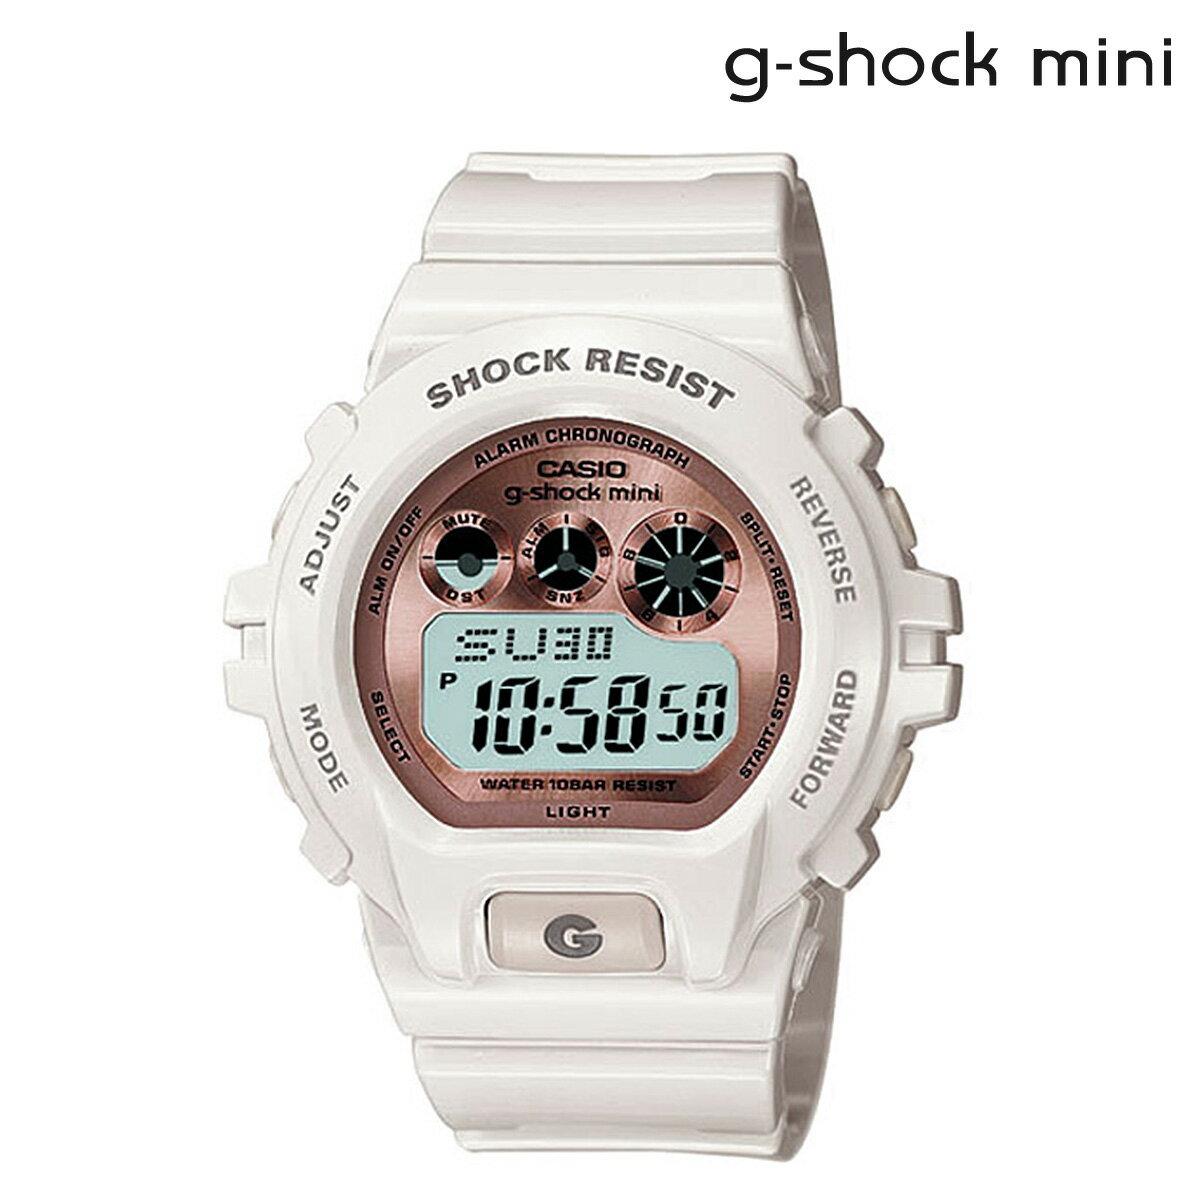 カシオ CASIO g-shock mini 腕時計 GMN-691-7BJF ジーショック ミニ Gショック G-ショック レディース [4/19 再入荷]